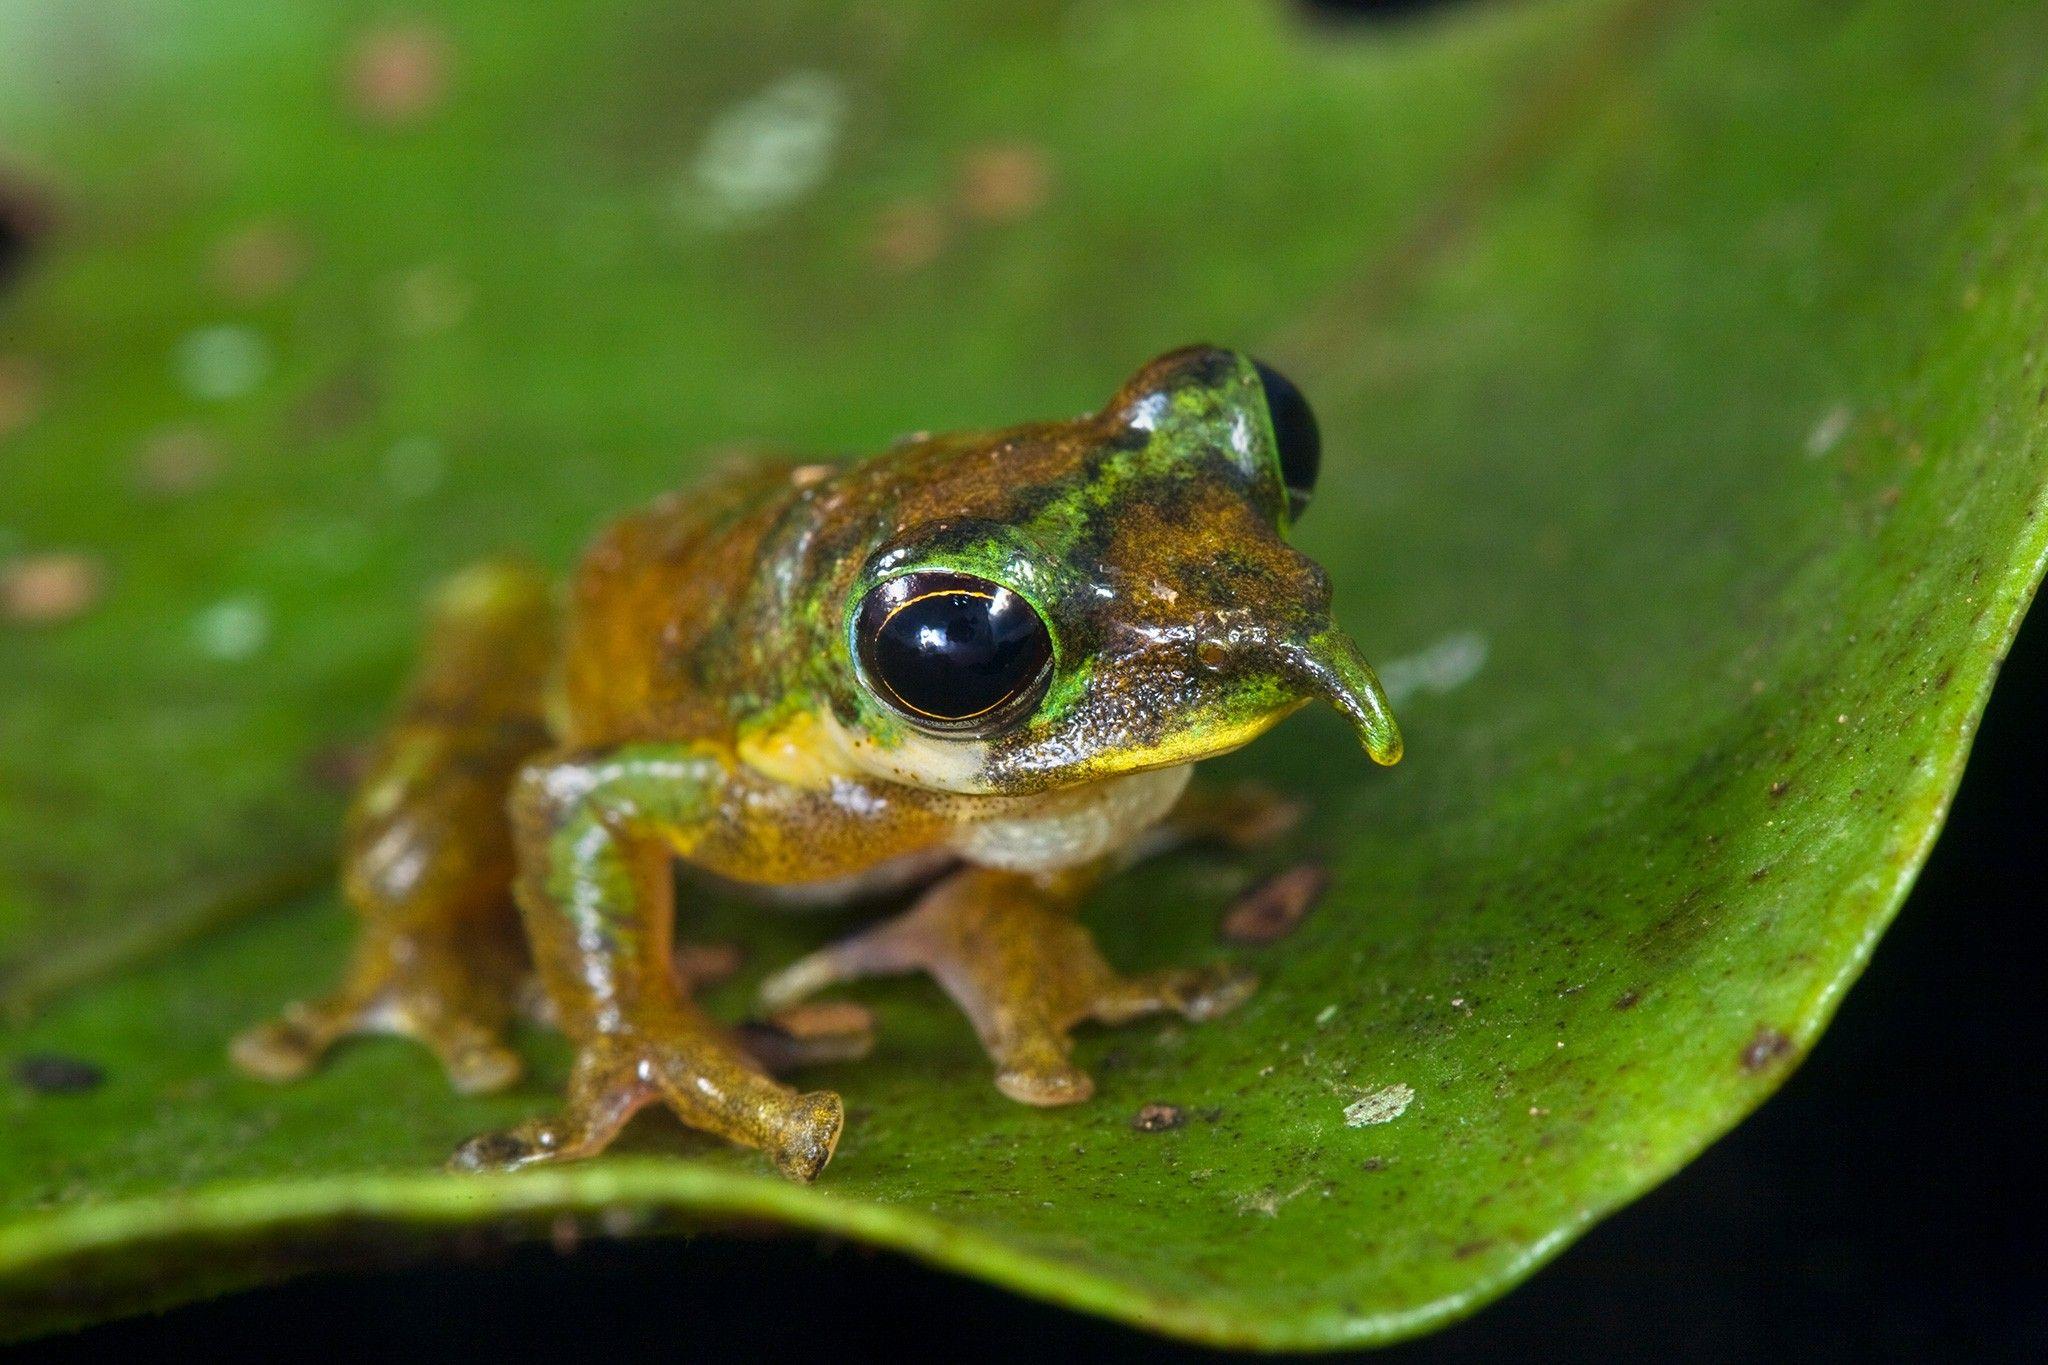 Neuer Pinocchio-Frosch mit rätselhafter langer Nase entdeckt